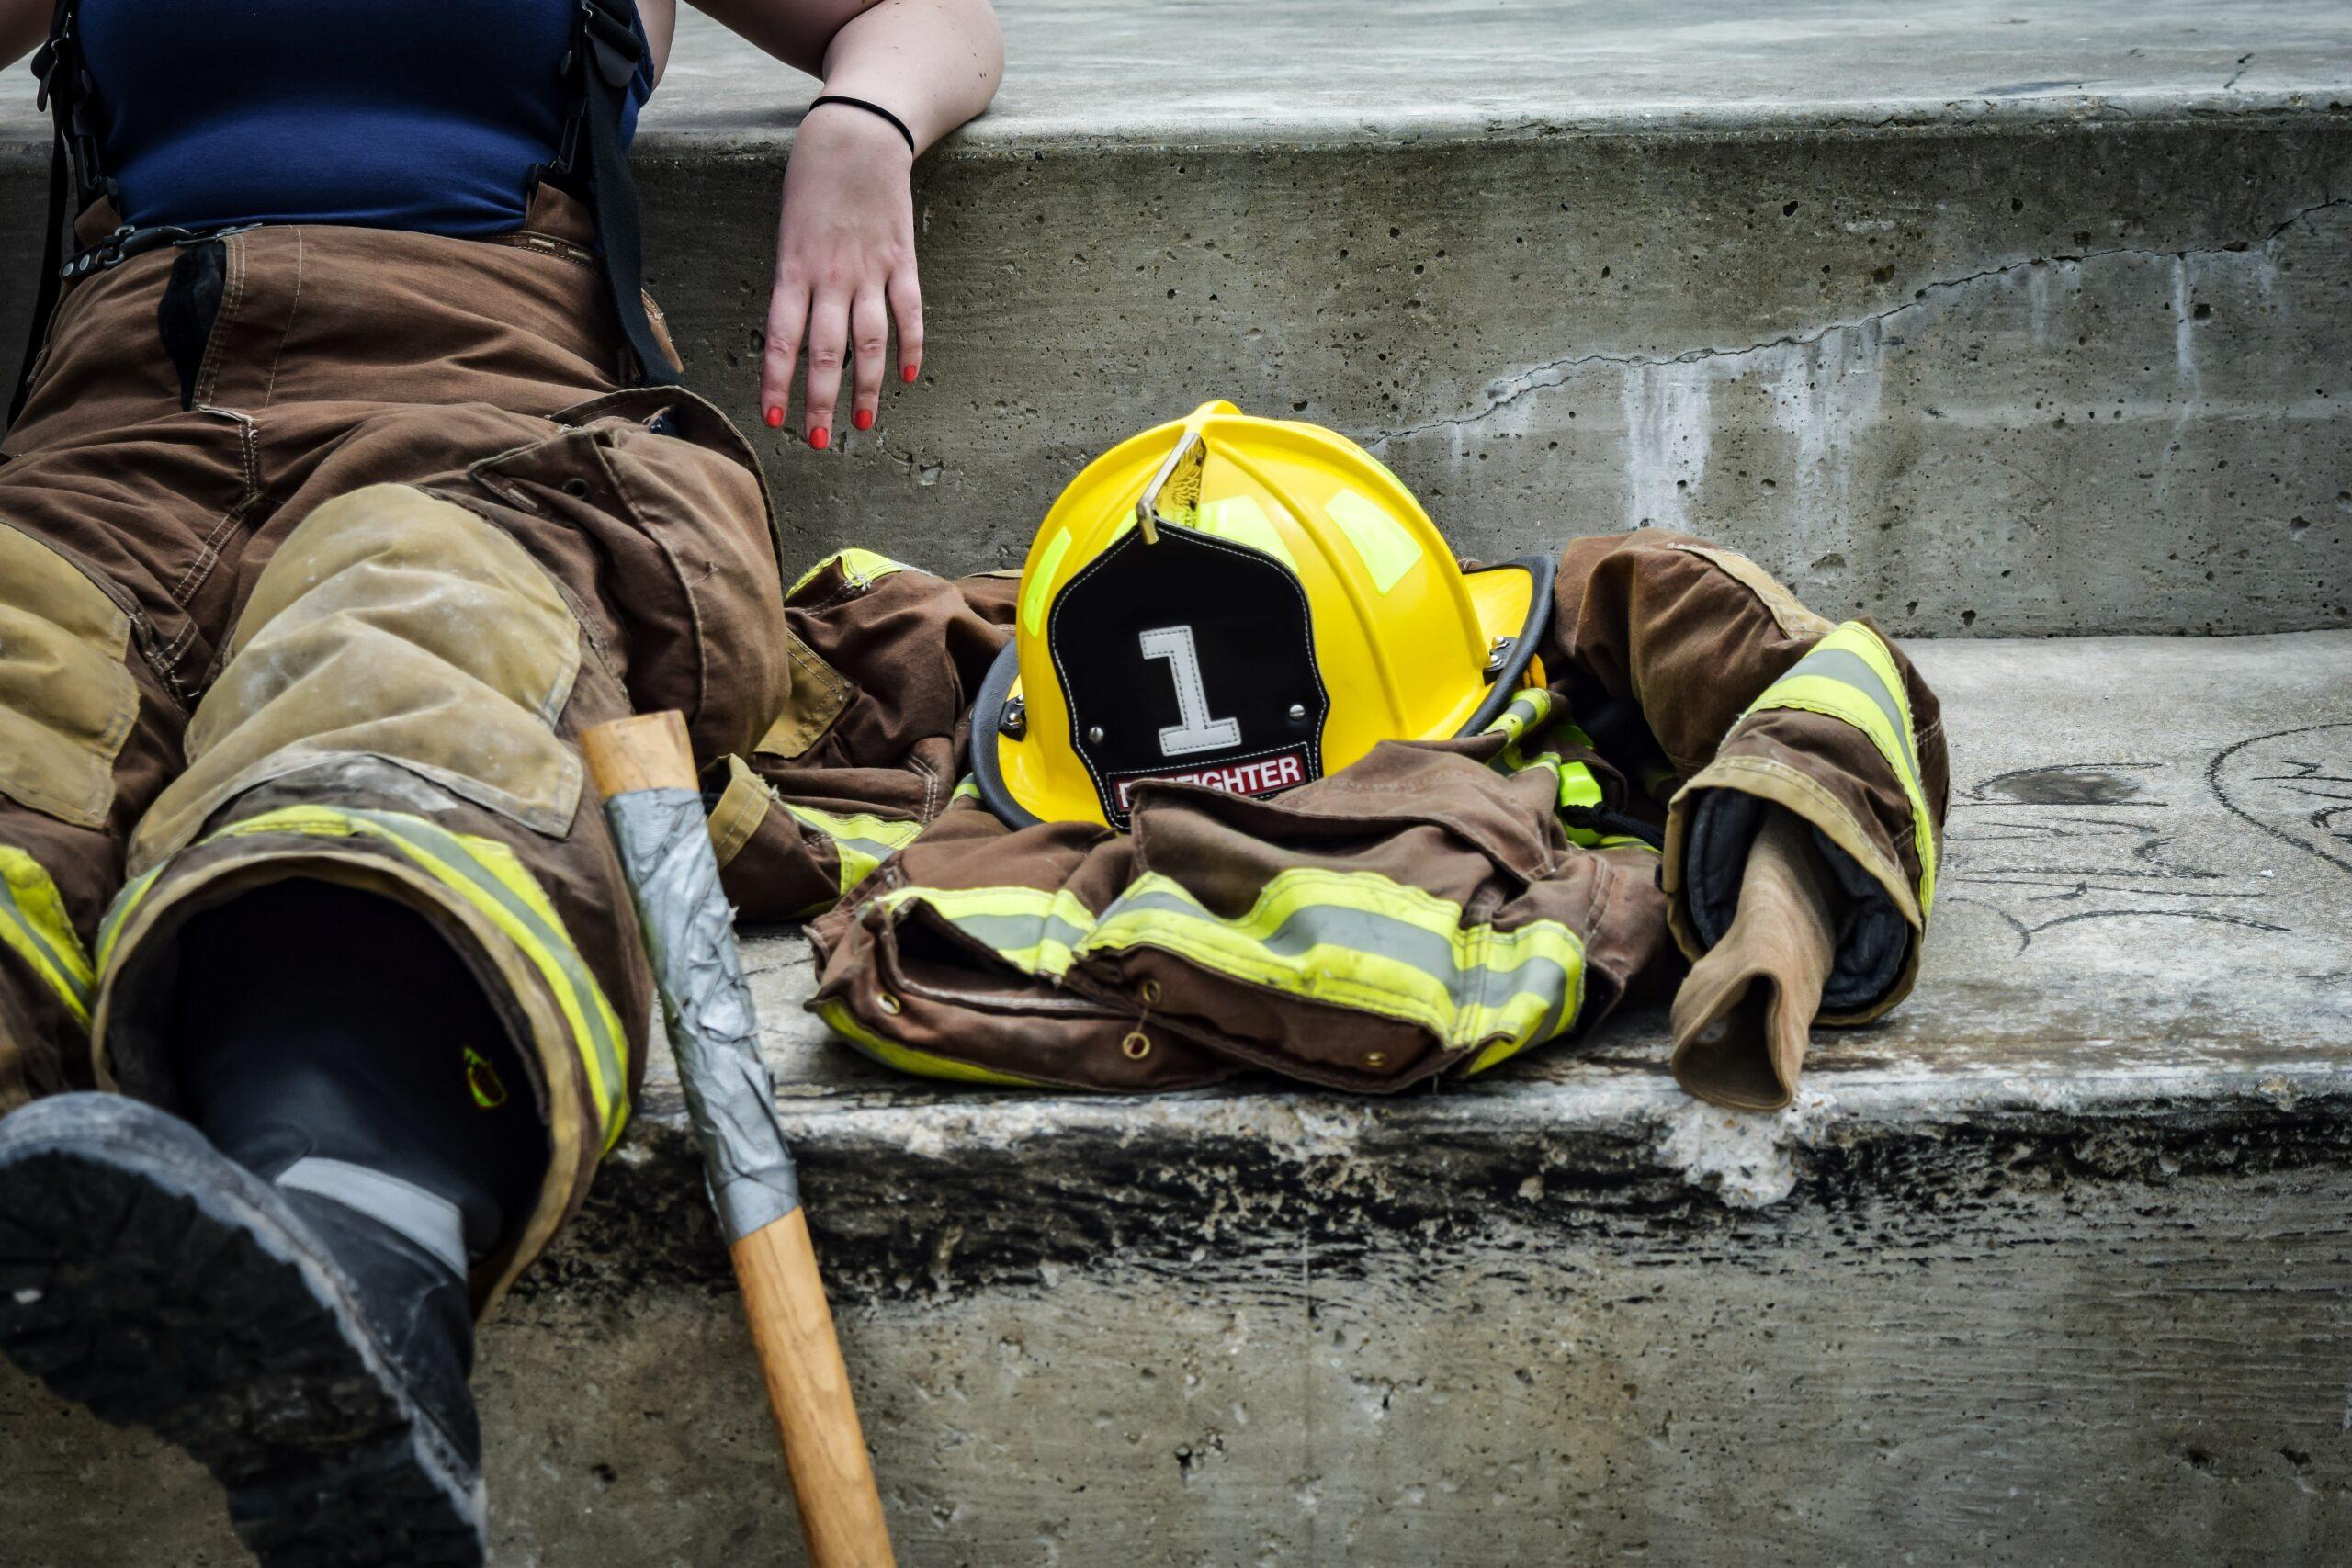 Sex ze strażakiem - opowiadanie erotyczne i sex historia